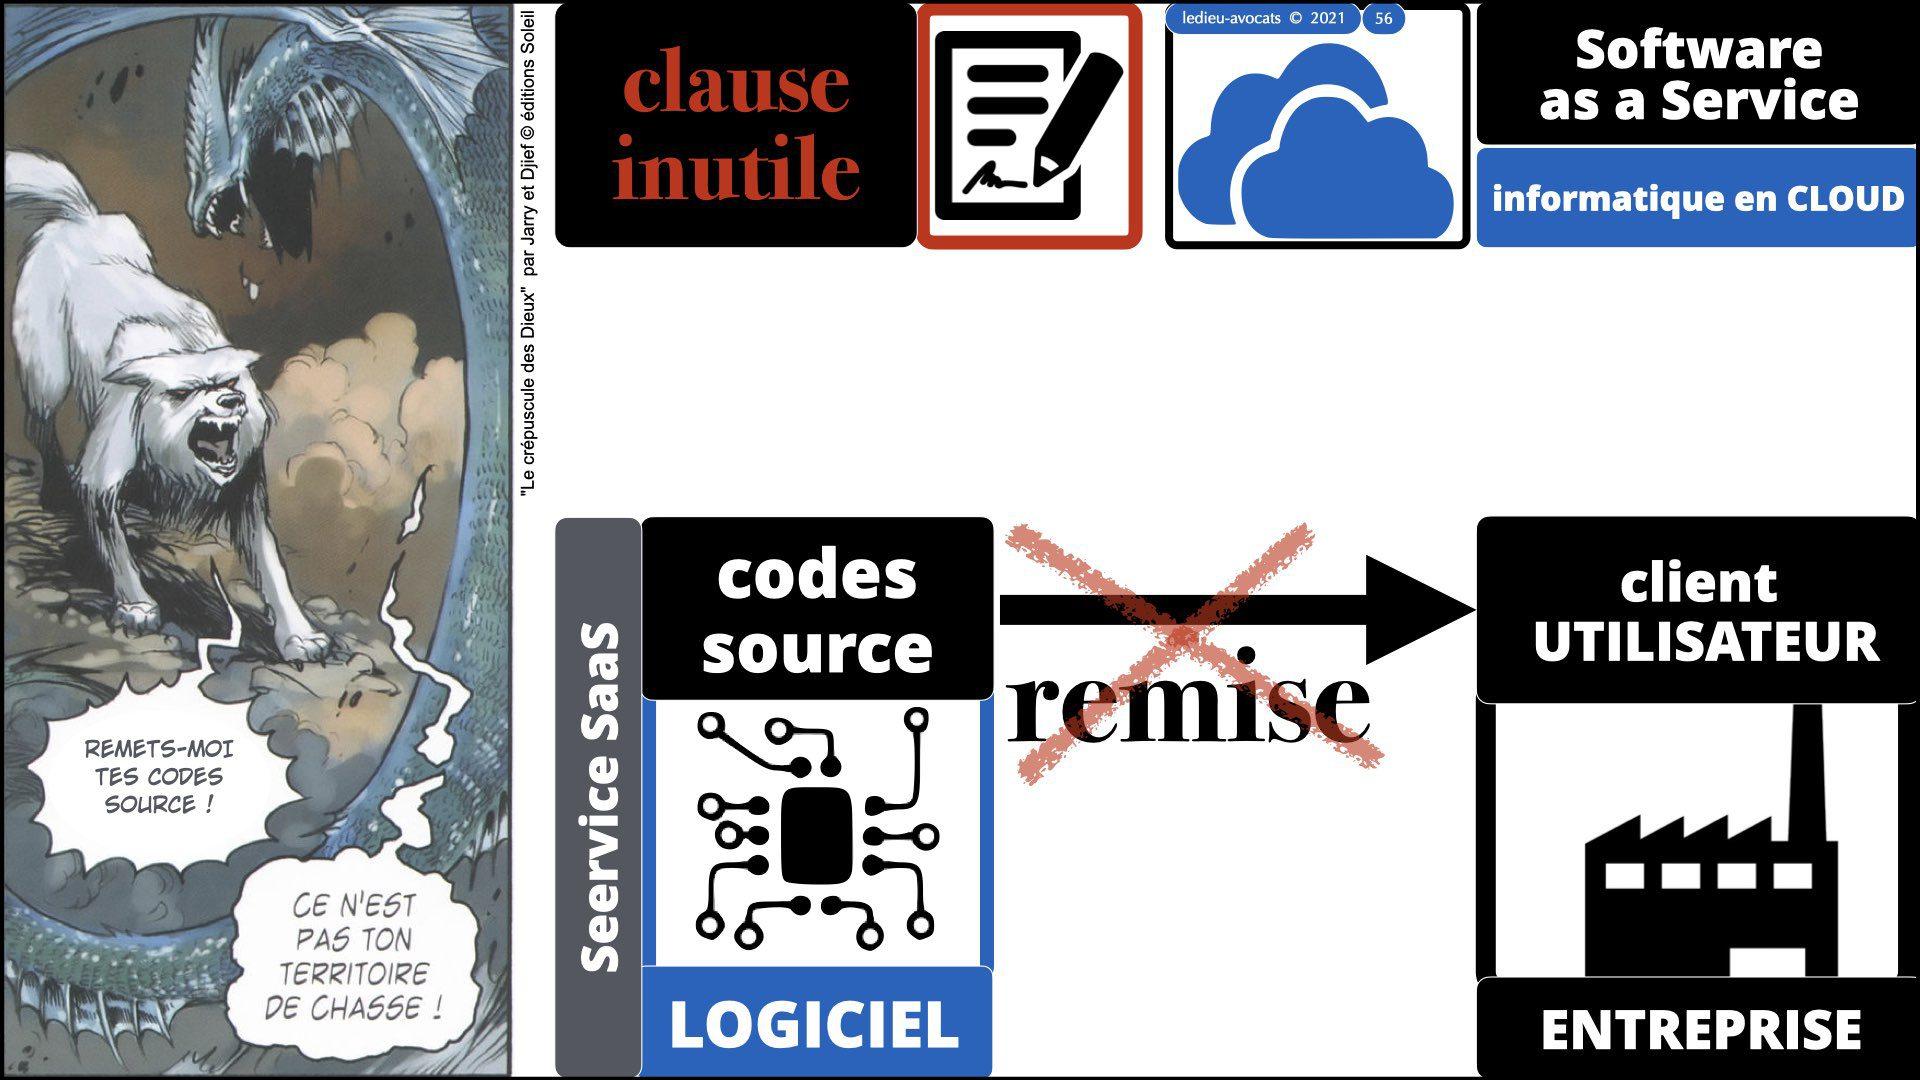 343 service LOGICIEL SaaS Software-as-a-Service cloud computing © Ledieu-Avocats technique droit numerique 30-08-2021.056